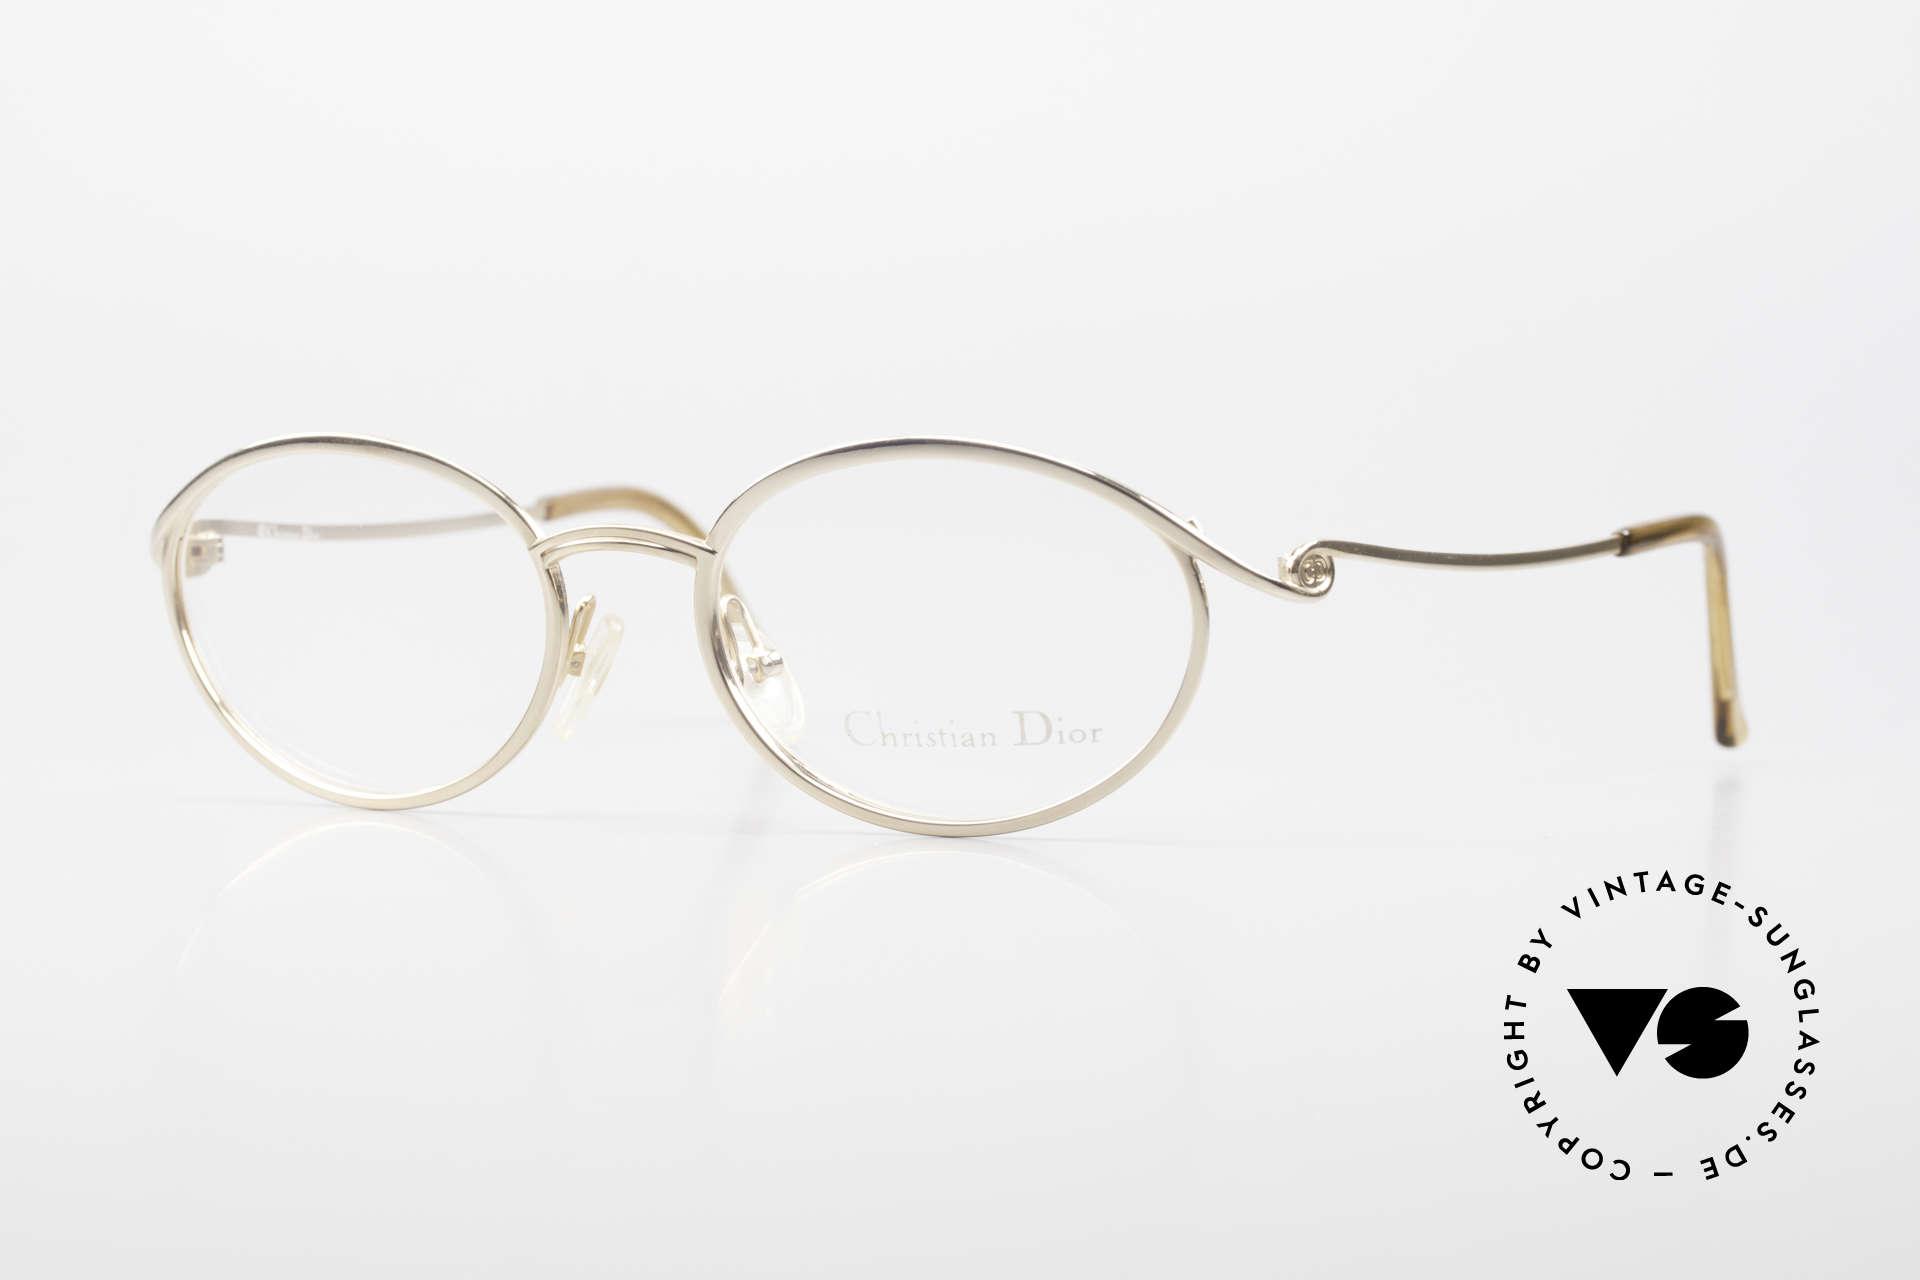 Christian Dior 2939 Damen Vintage Brille Vergoldet, sehr schöne 90er Chr. Dior vintage Brillenfassung, Passend für Damen